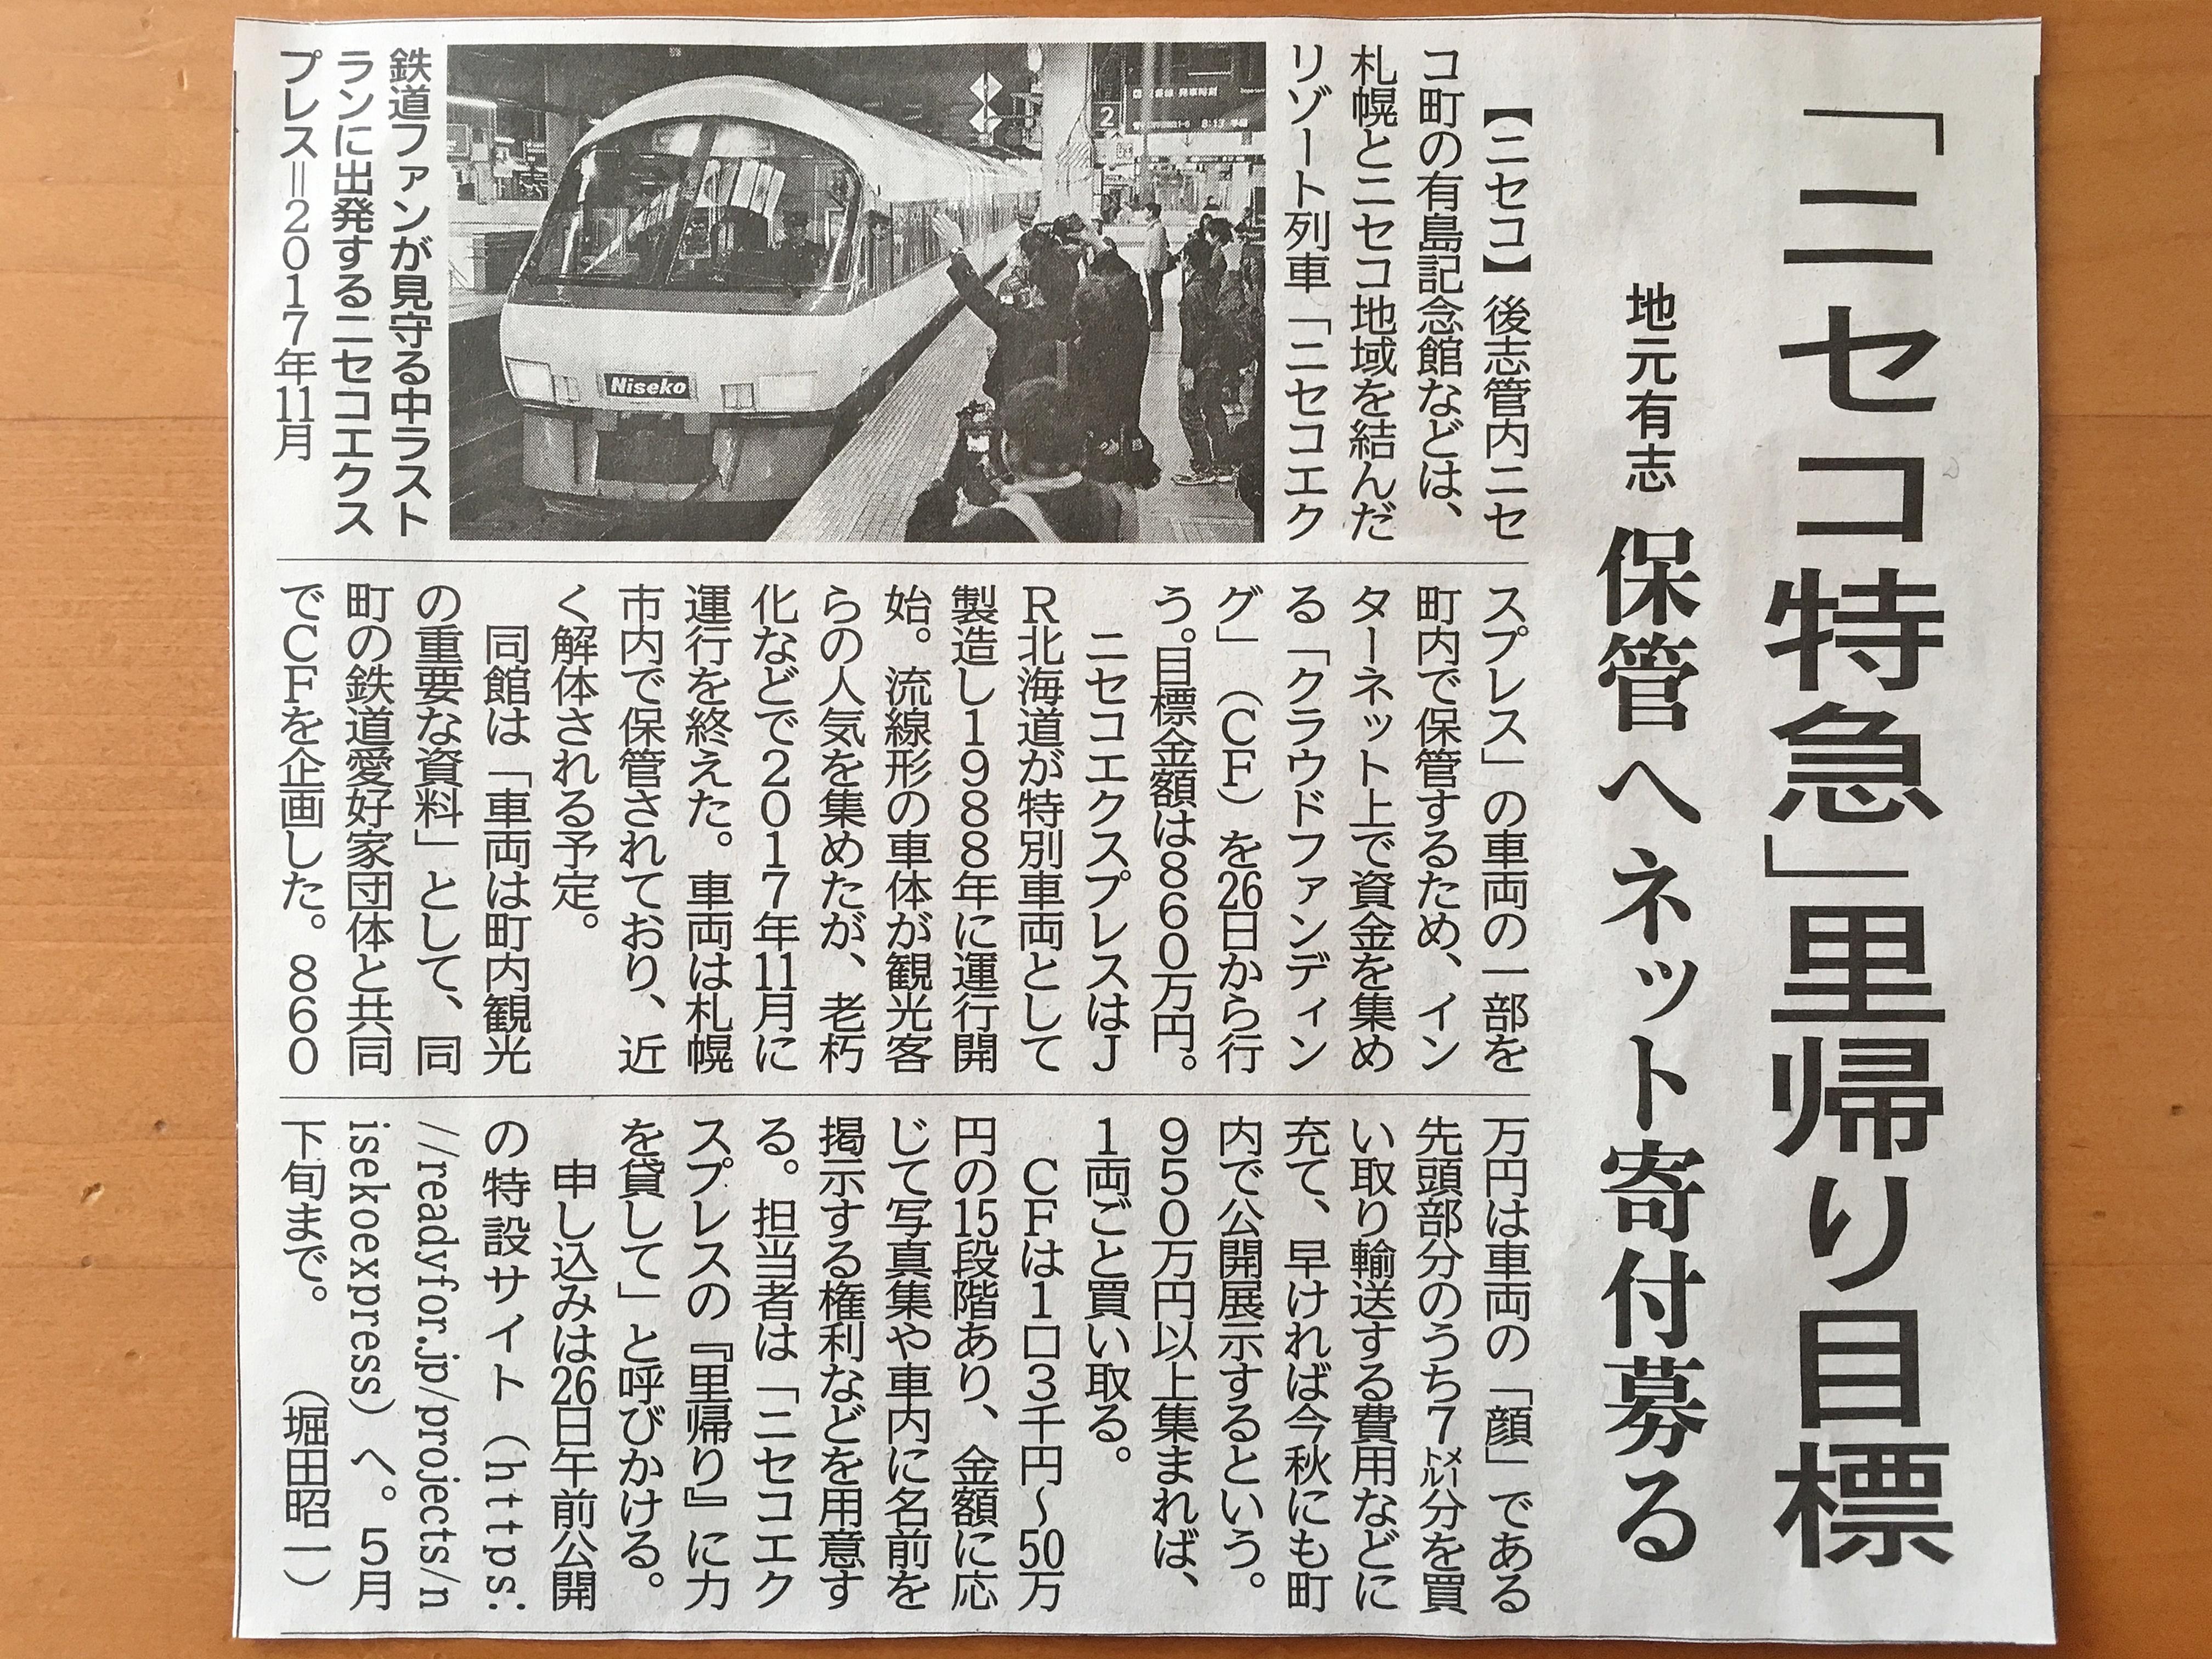 ニセコエクスプレス クラウドファンディング記事_190226.JPG